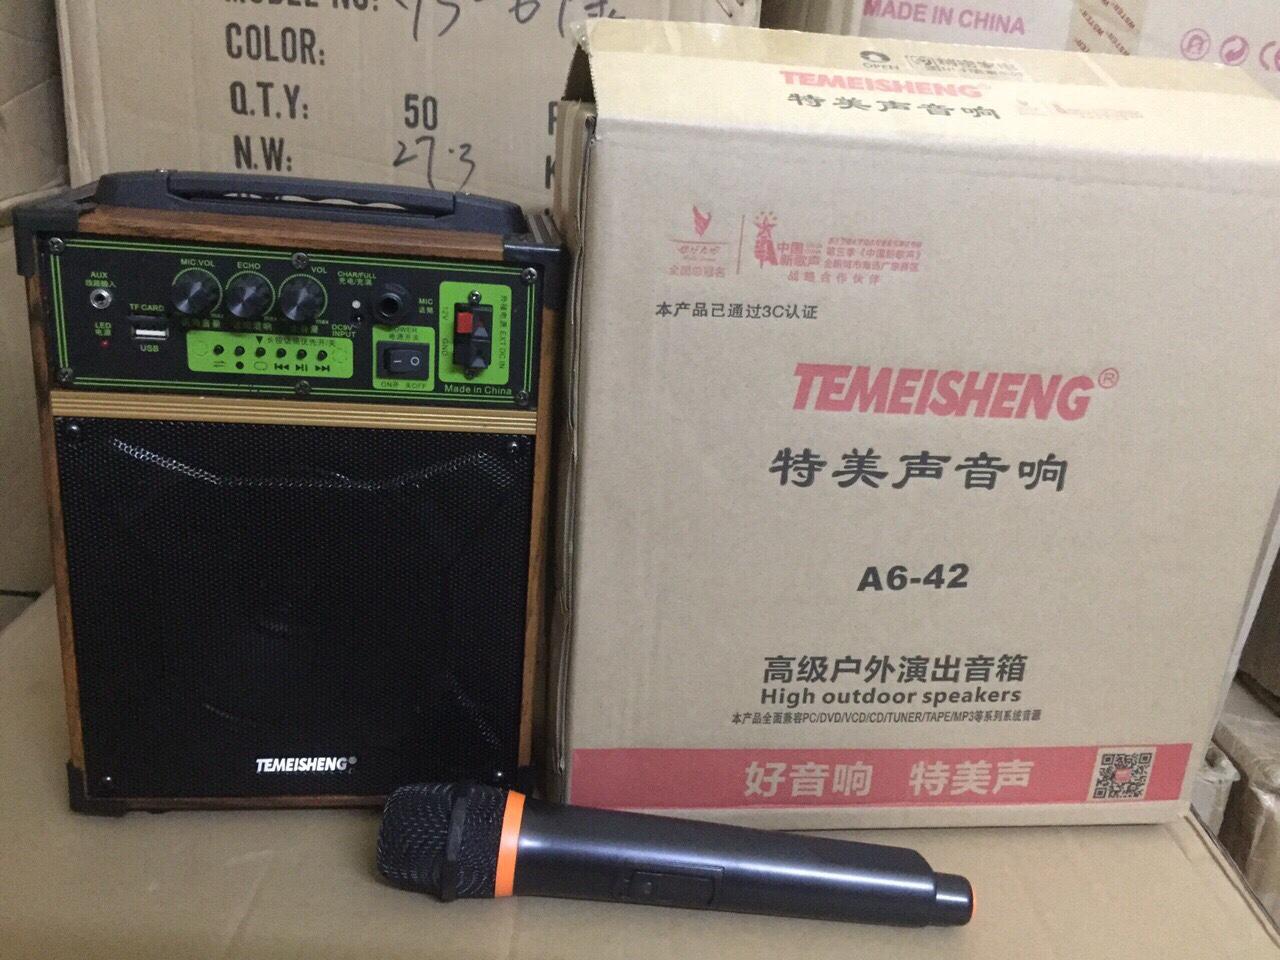 Loa kéo Temeisheng A6-42 1 micro hát siêu hay giá sỉ và lẻ rẻ nhất